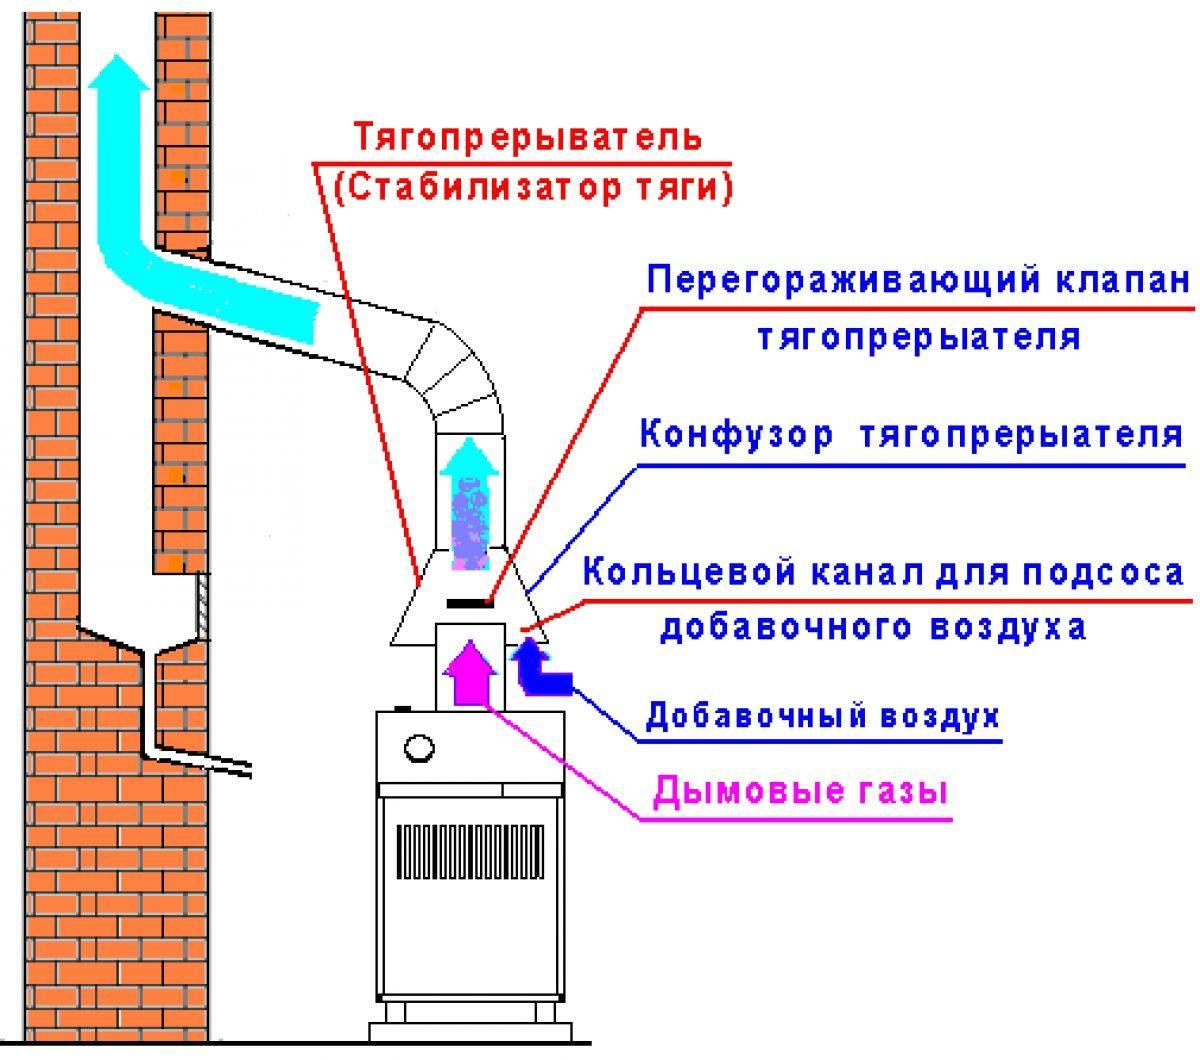 Дымоходы и вентиляция в одном коробе, трубе в частном доме: видео-инструкция по монтажу своими руками, проверка вентиляционных каналов, чистка, фото и цена